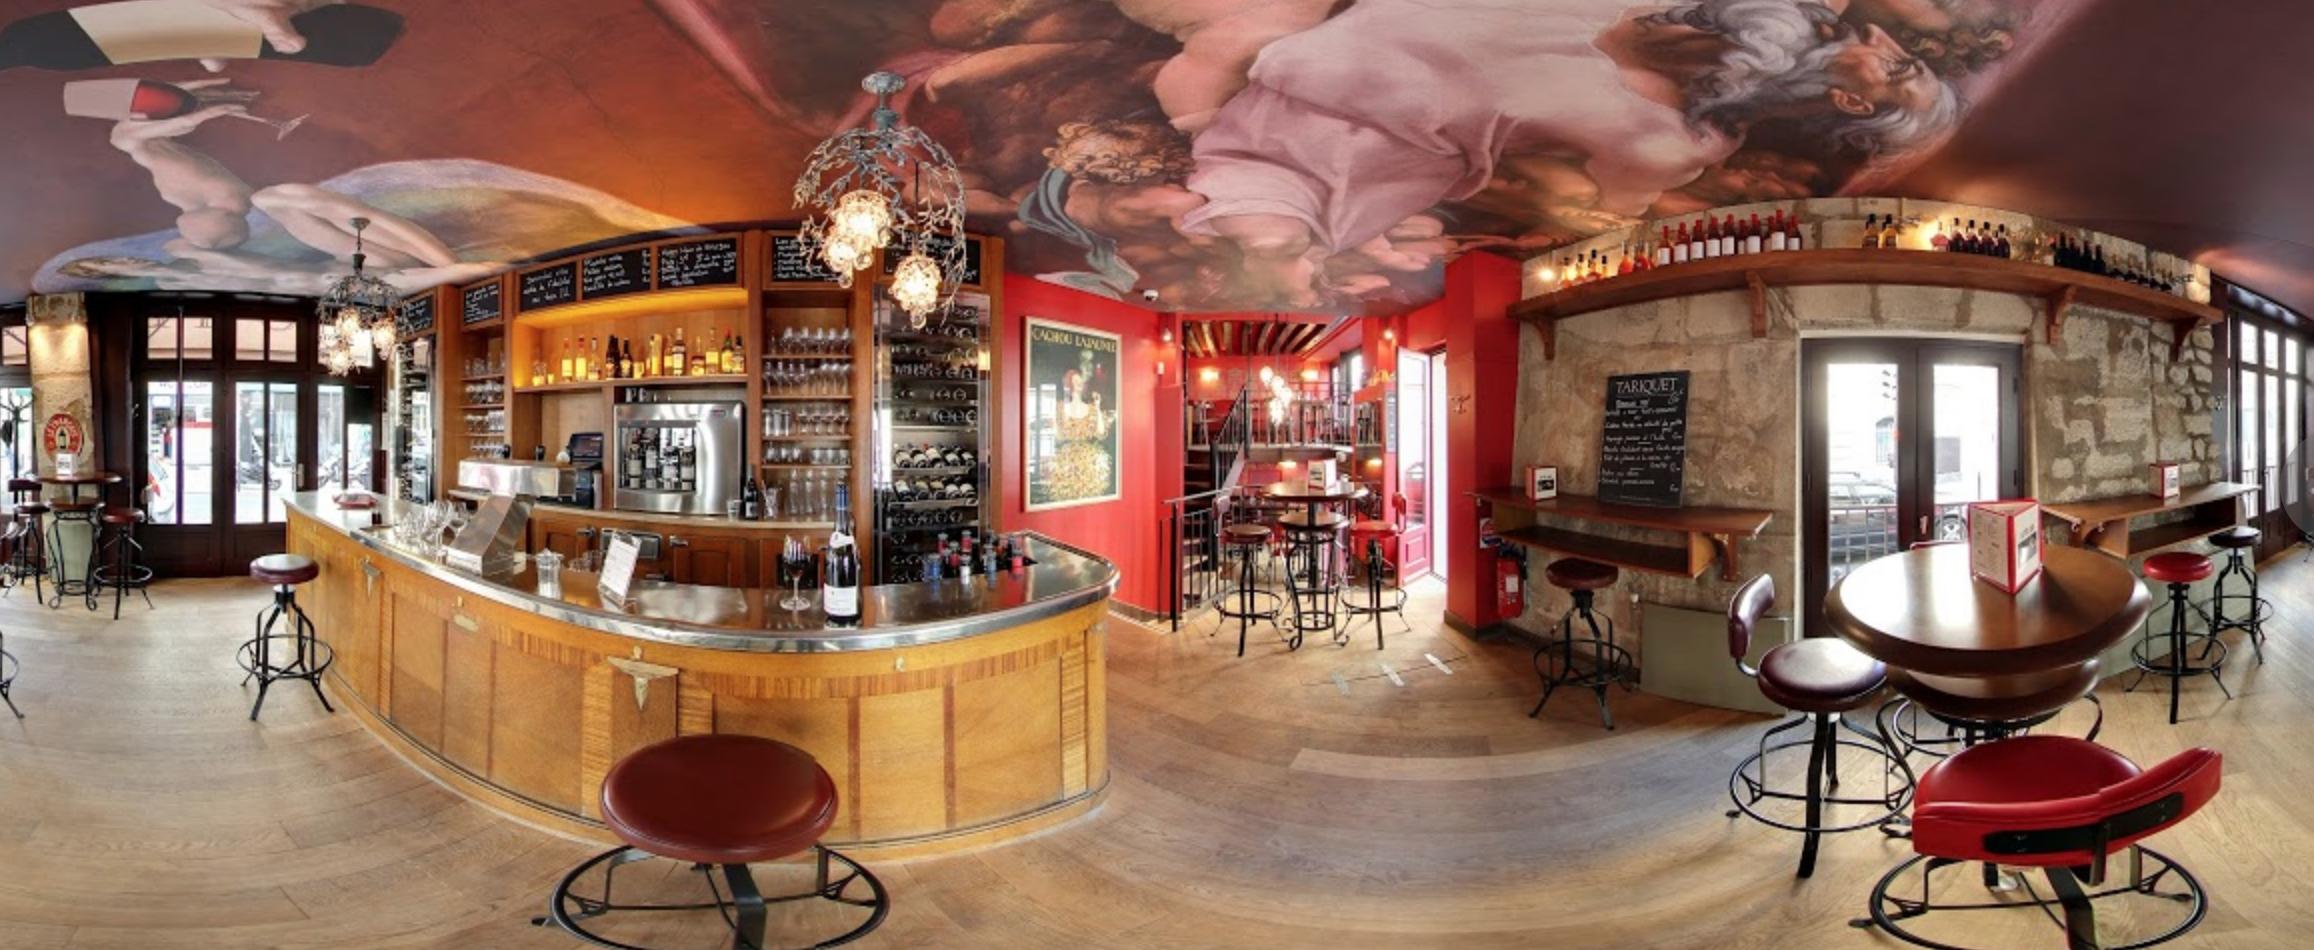 Restaurant à Vins Au père louis situé à Paris 6